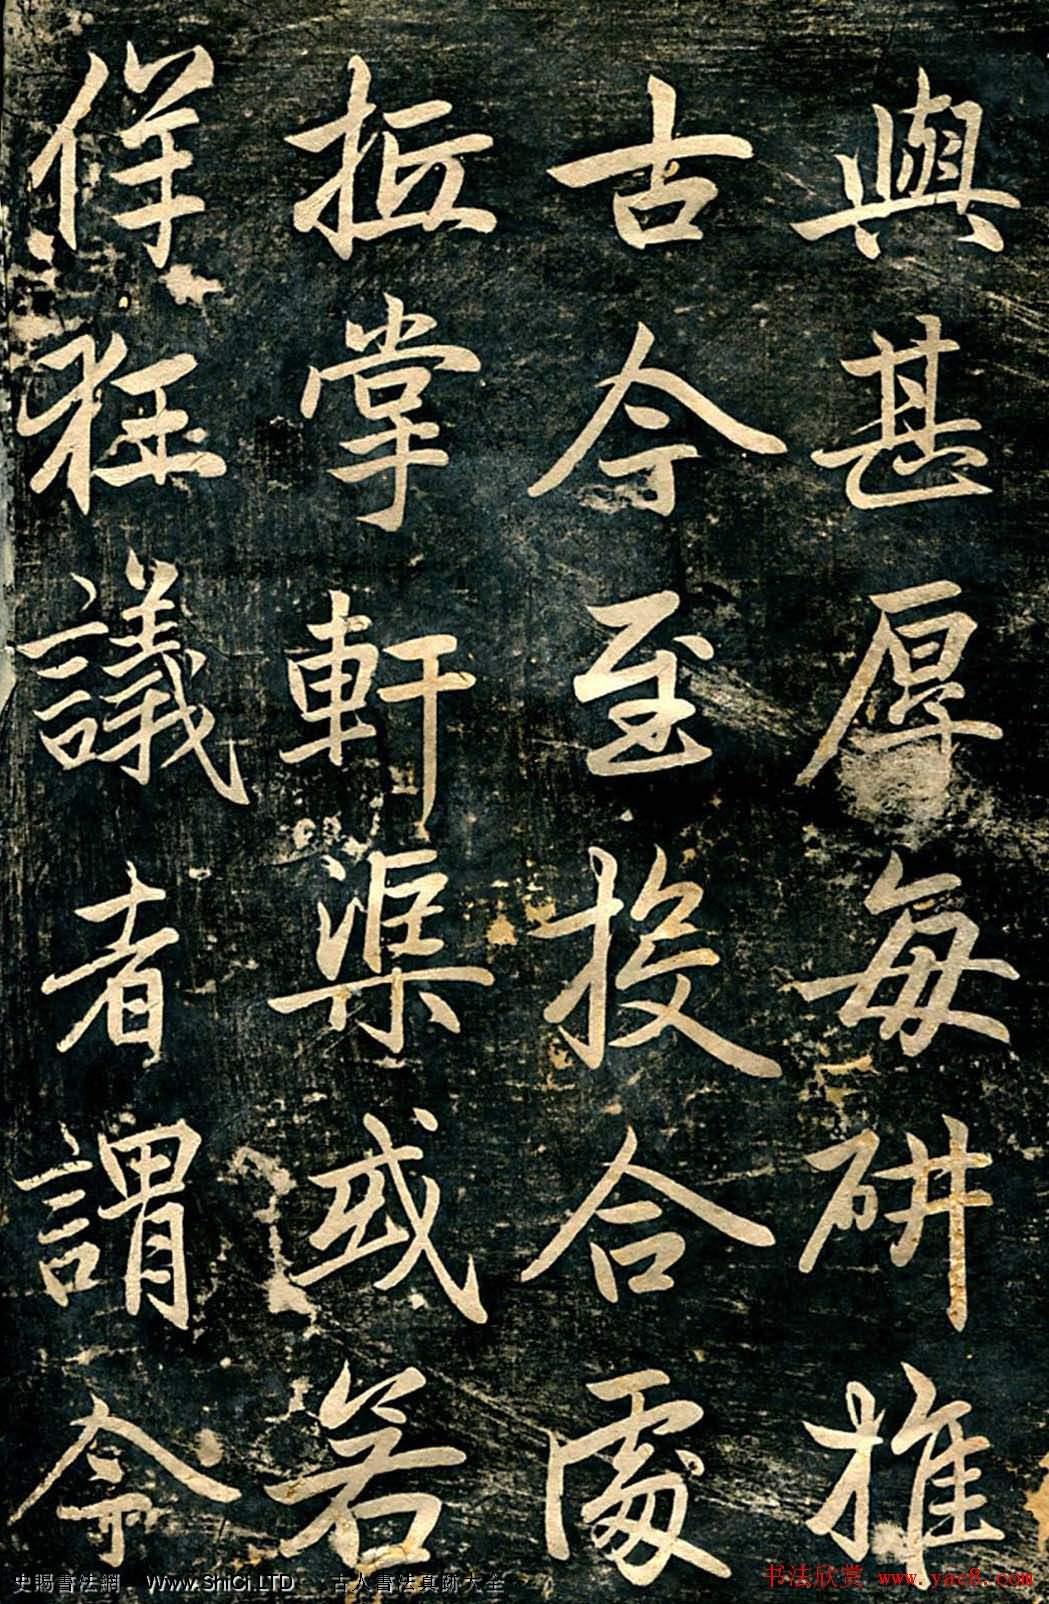 趙孟俯行楷書法《臨濟正傳虎丘隆禪師碑》